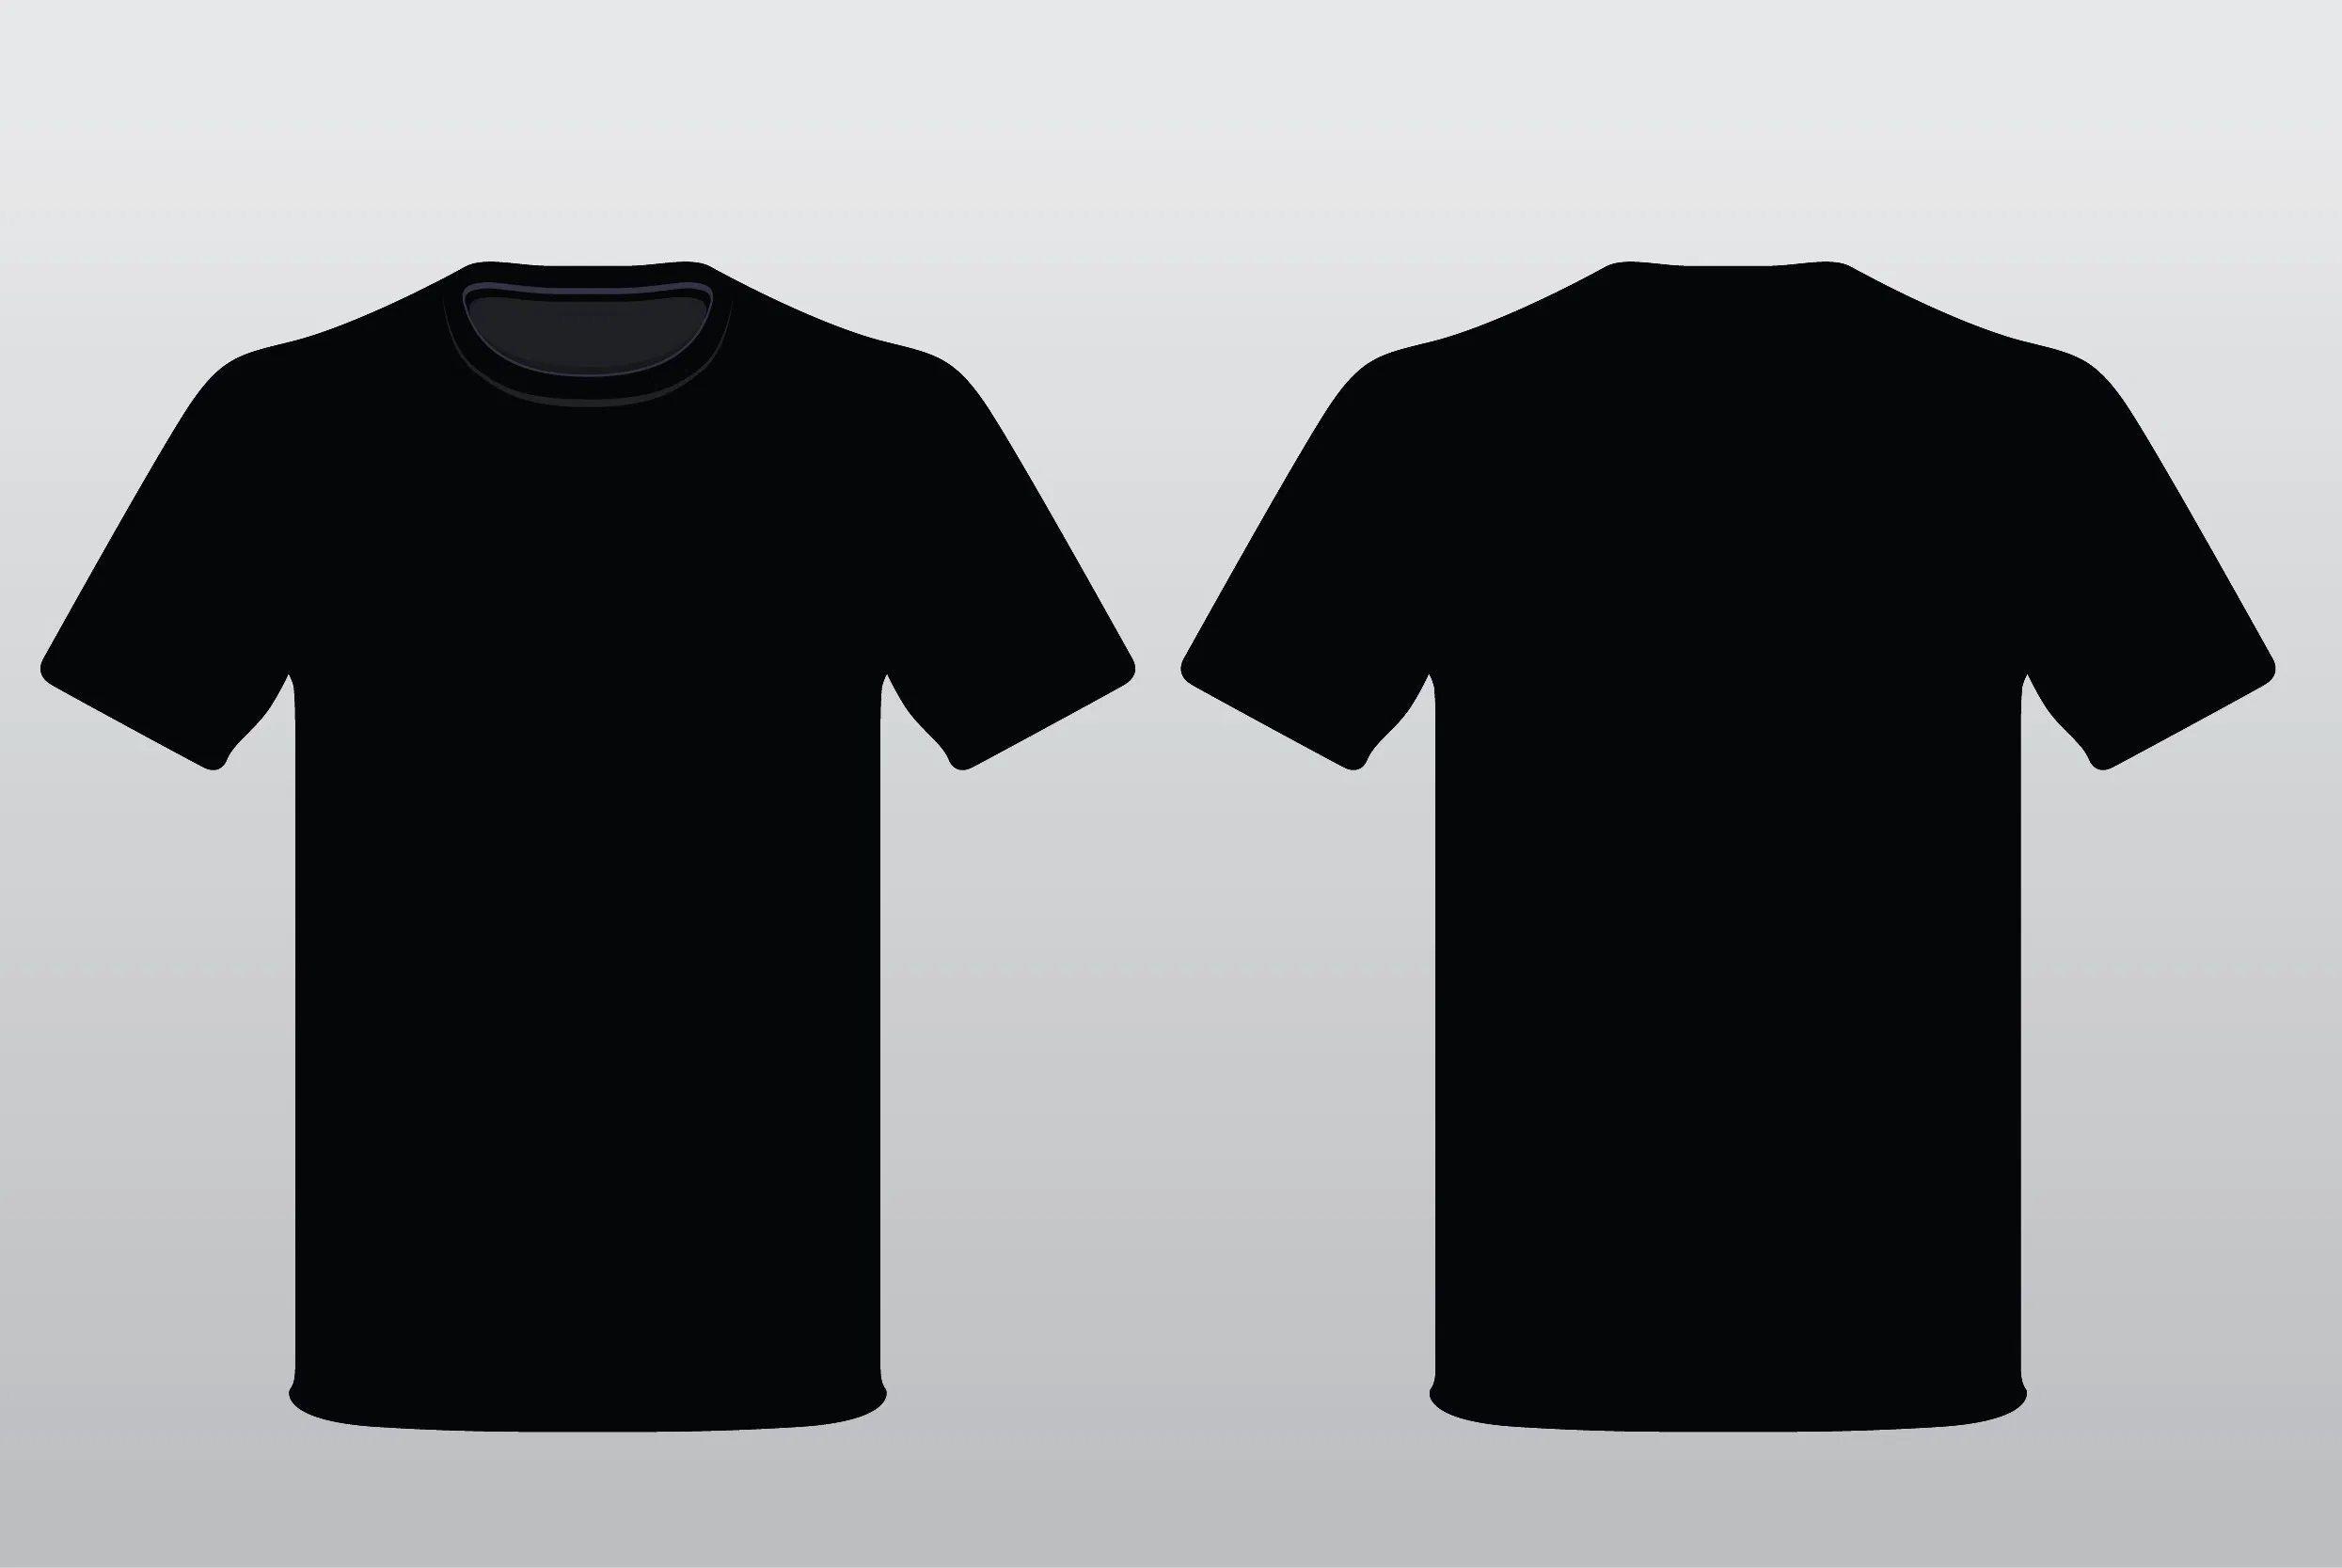 005 Sensational T Shirt Design Template Free High Definition  Psd DownloadFull